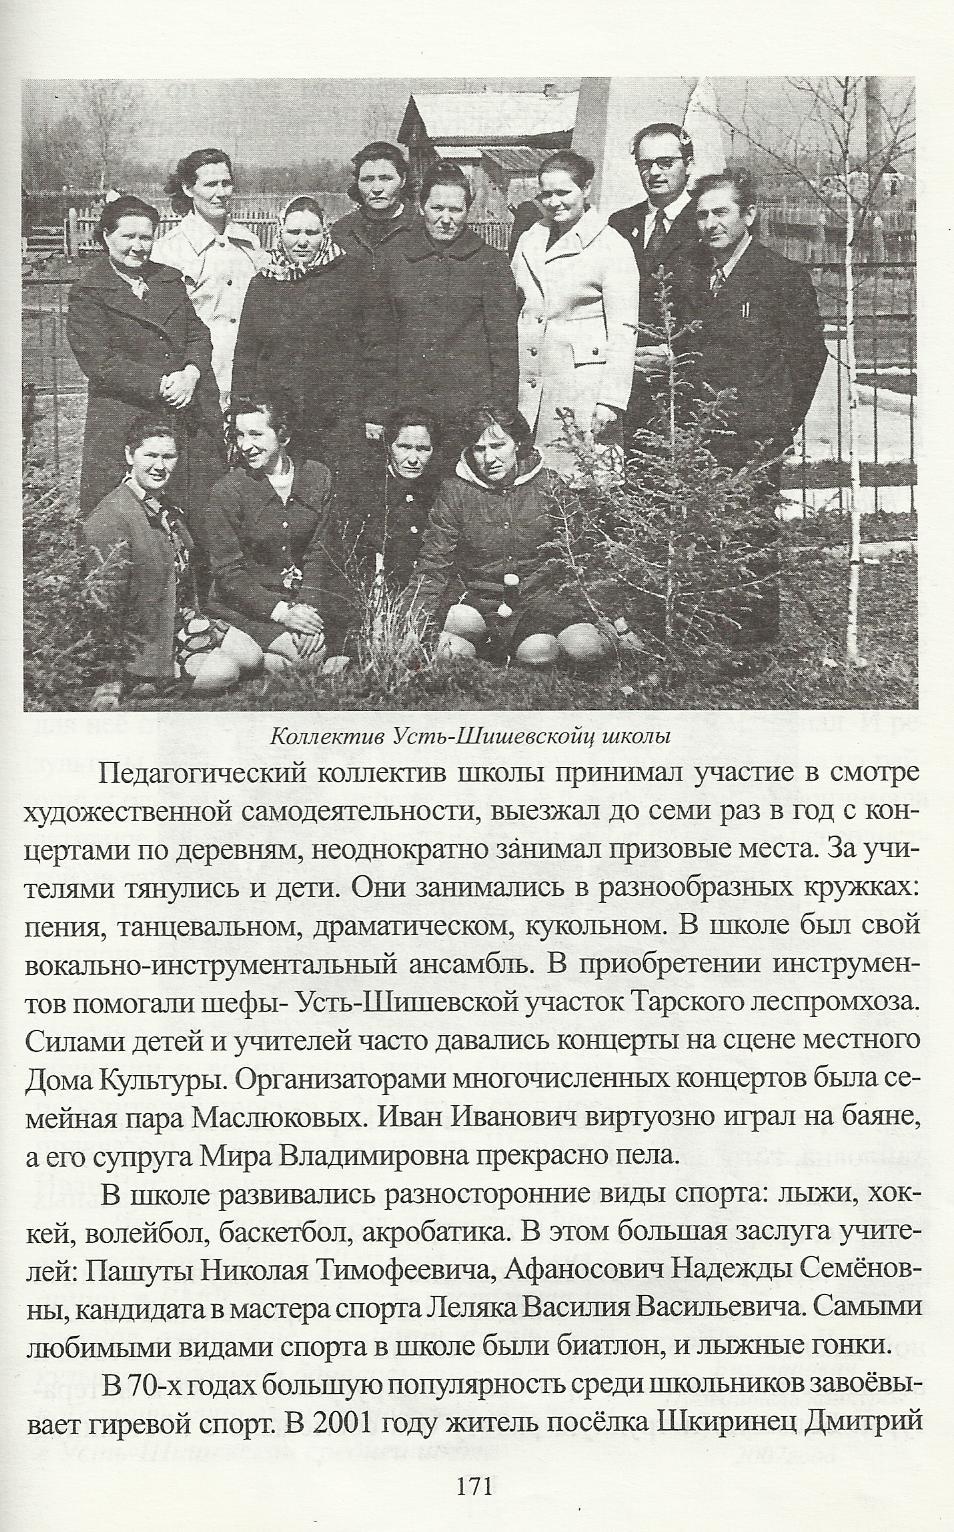 C:\Users\Иван\Pictures\2012-01-14 к\к 004.jpg